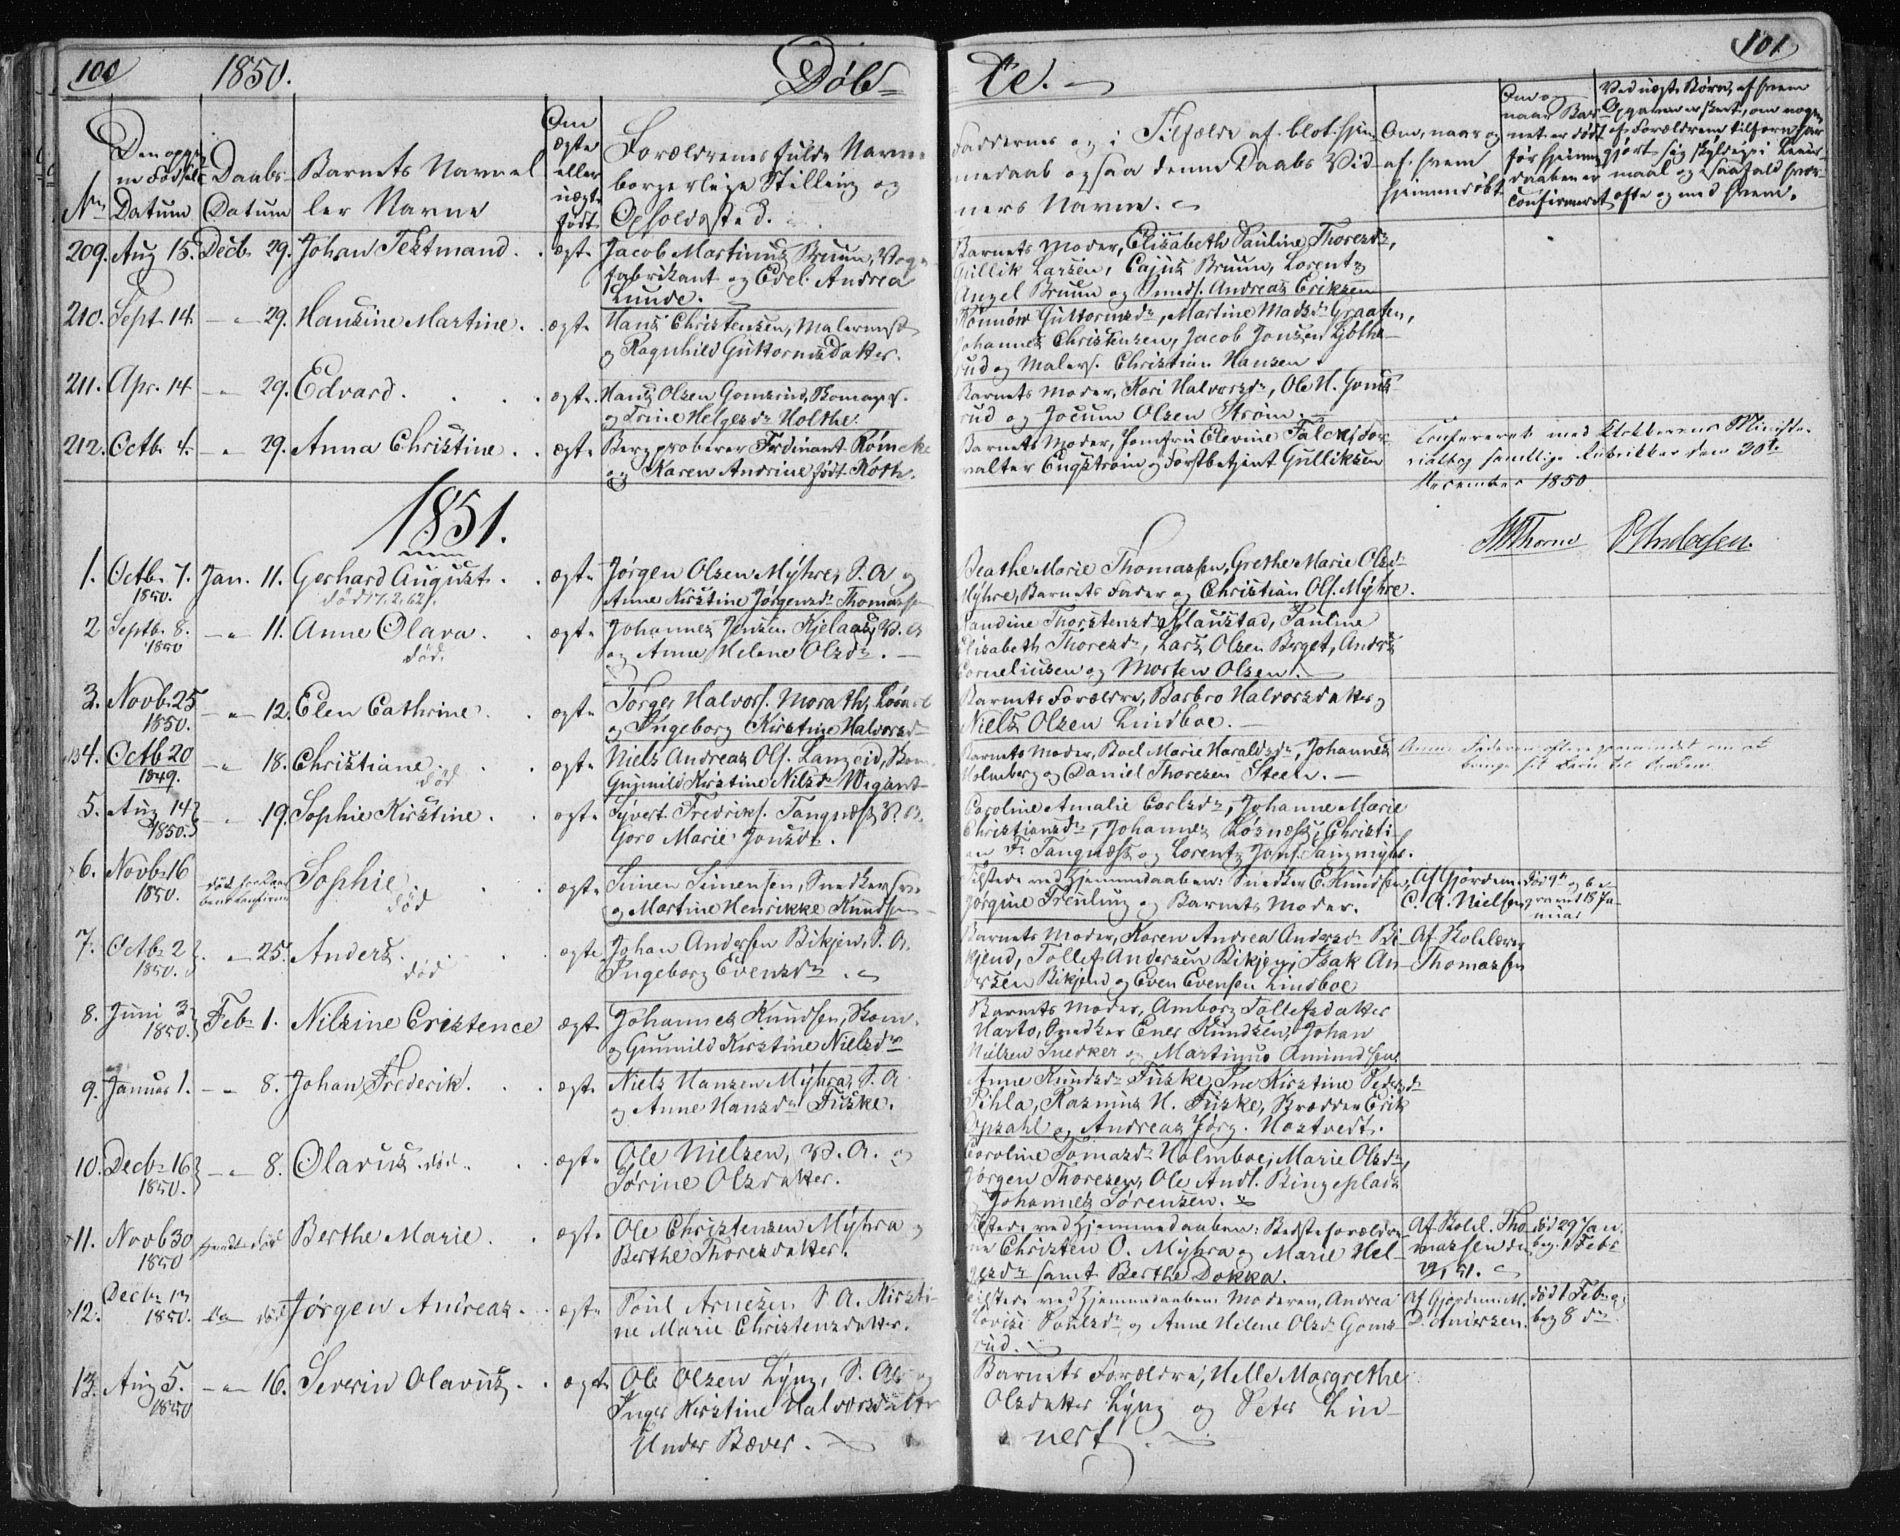 SAKO, Kongsberg kirkebøker, F/Fa/L0009: Ministerialbok nr. I 9, 1839-1858, s. 100-101